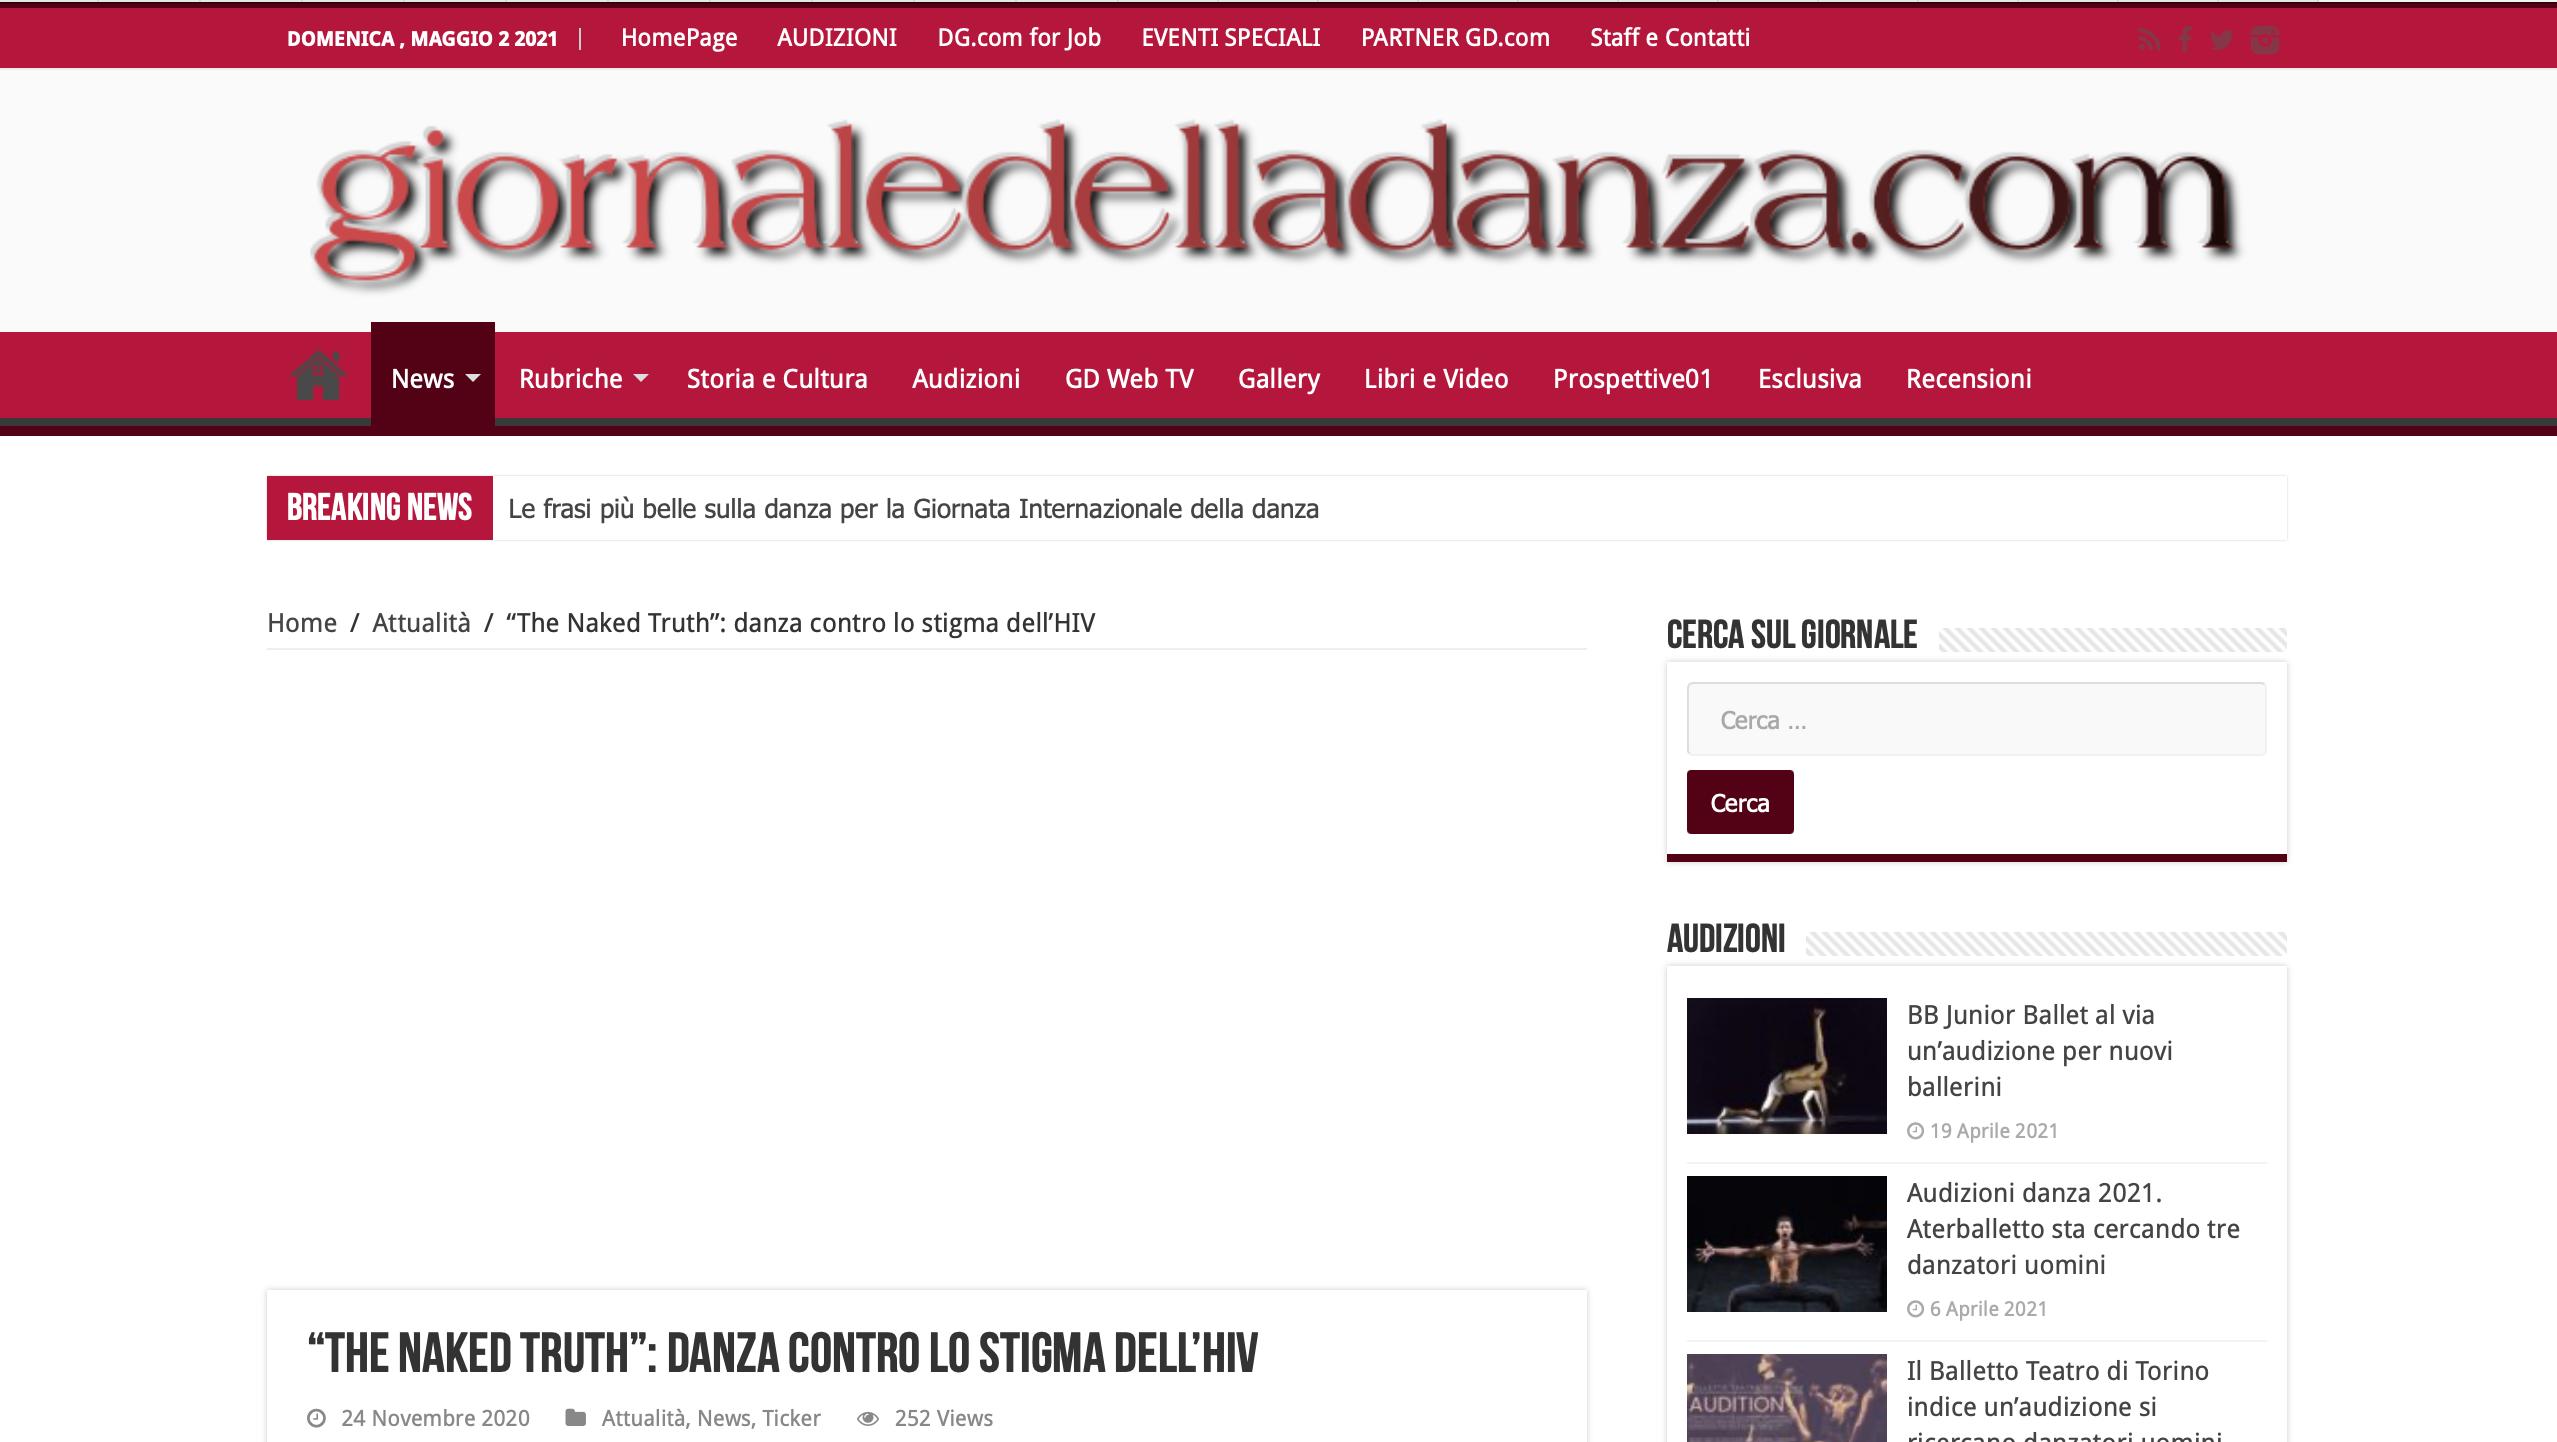 giornale 1 Screenshot 2021-05-02 at 20.21.04